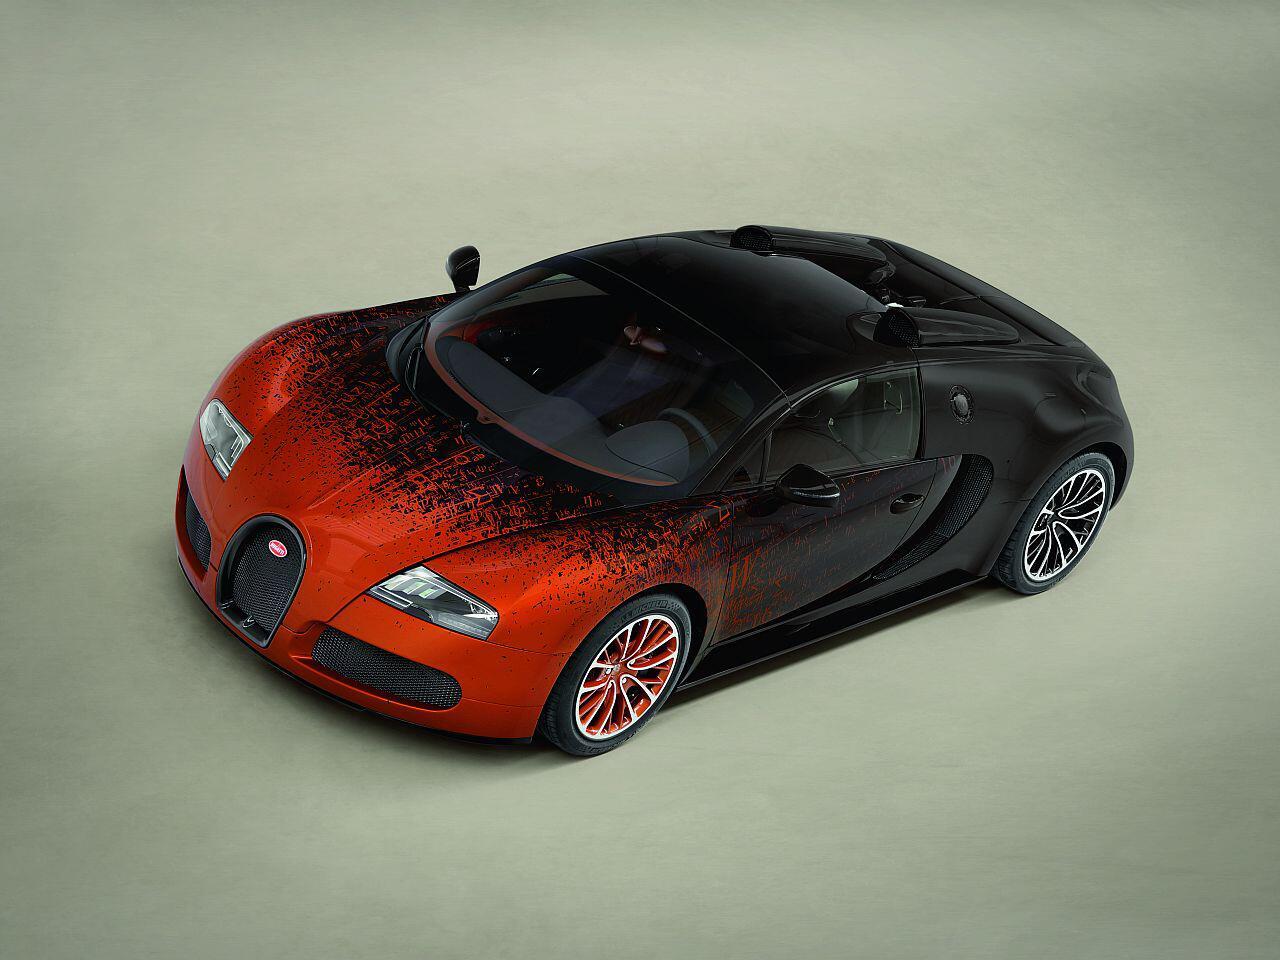 Bild zu Hier muss man genau hinschauen: Die Lackierung dieses Veyron ist sehr speziell